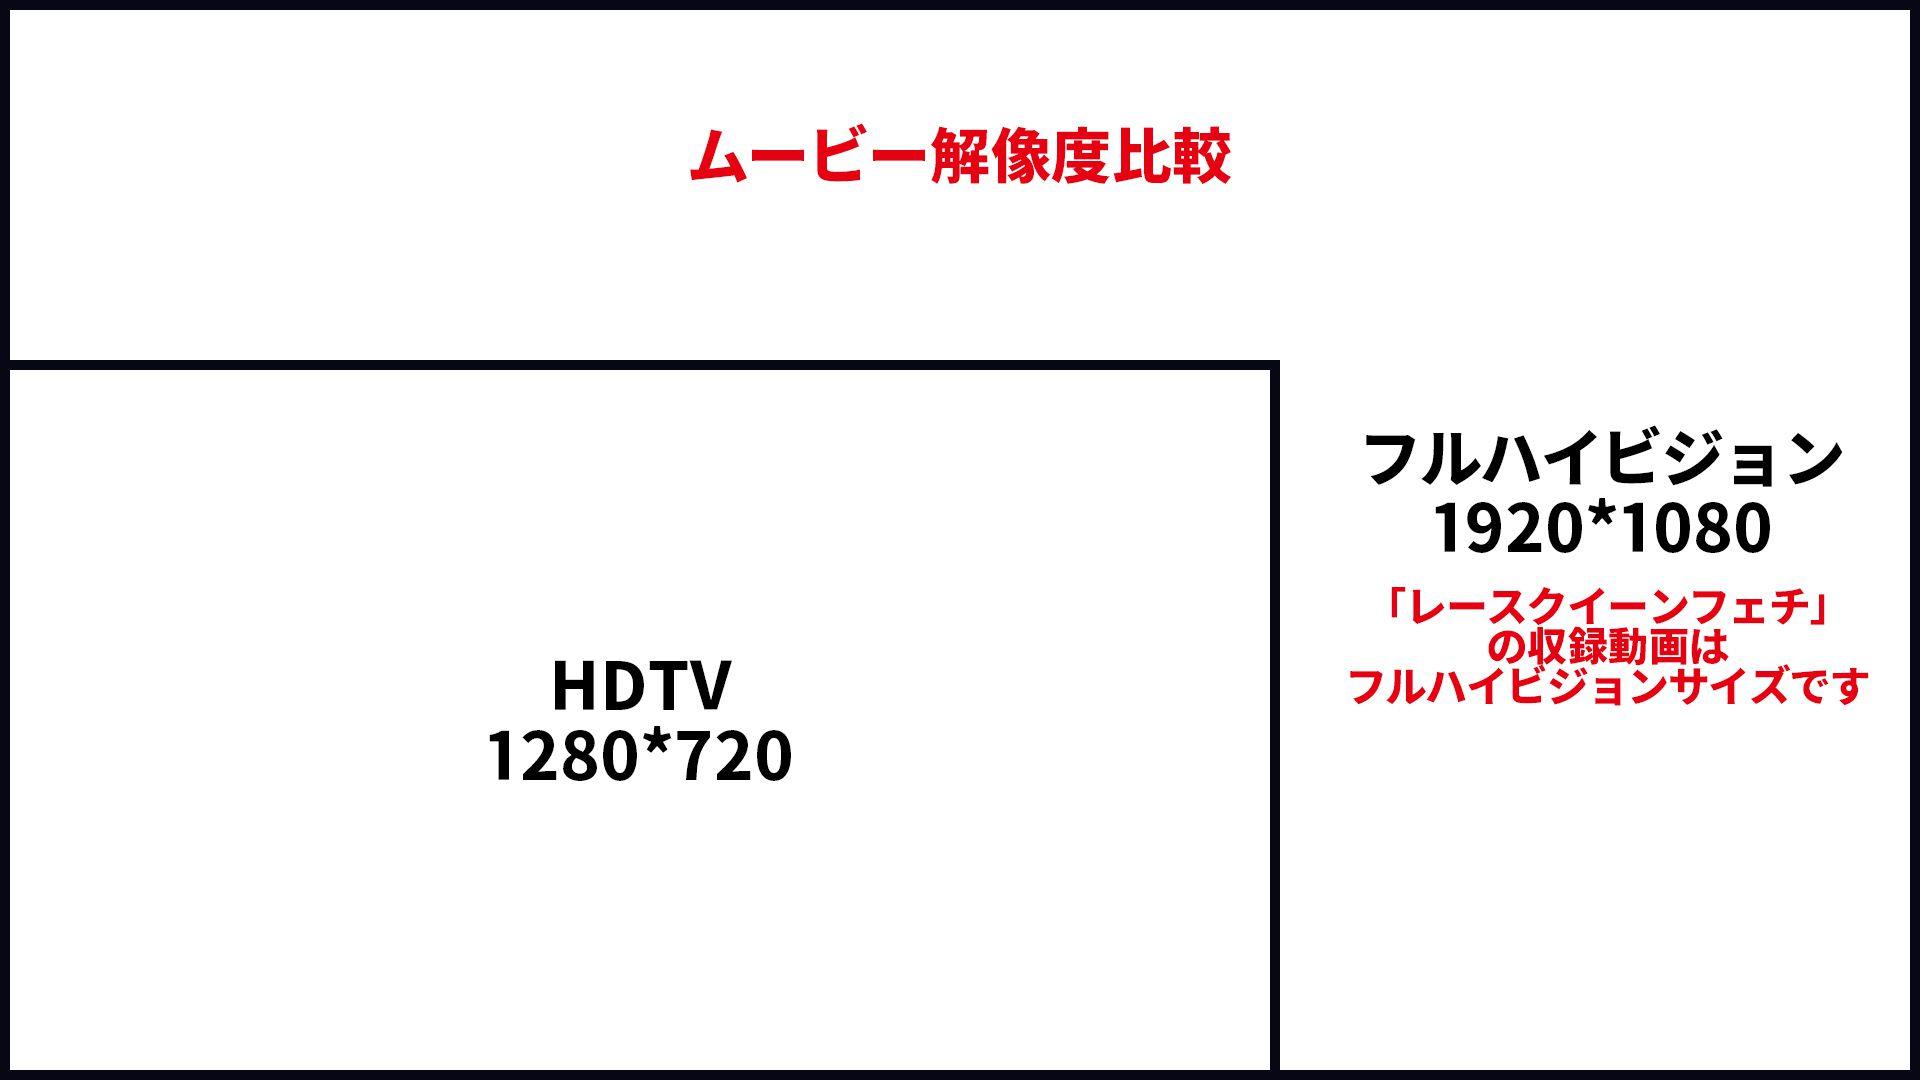 【HD】レースクイーンフェチ#014 ムービー版【4】 サンプル画像10